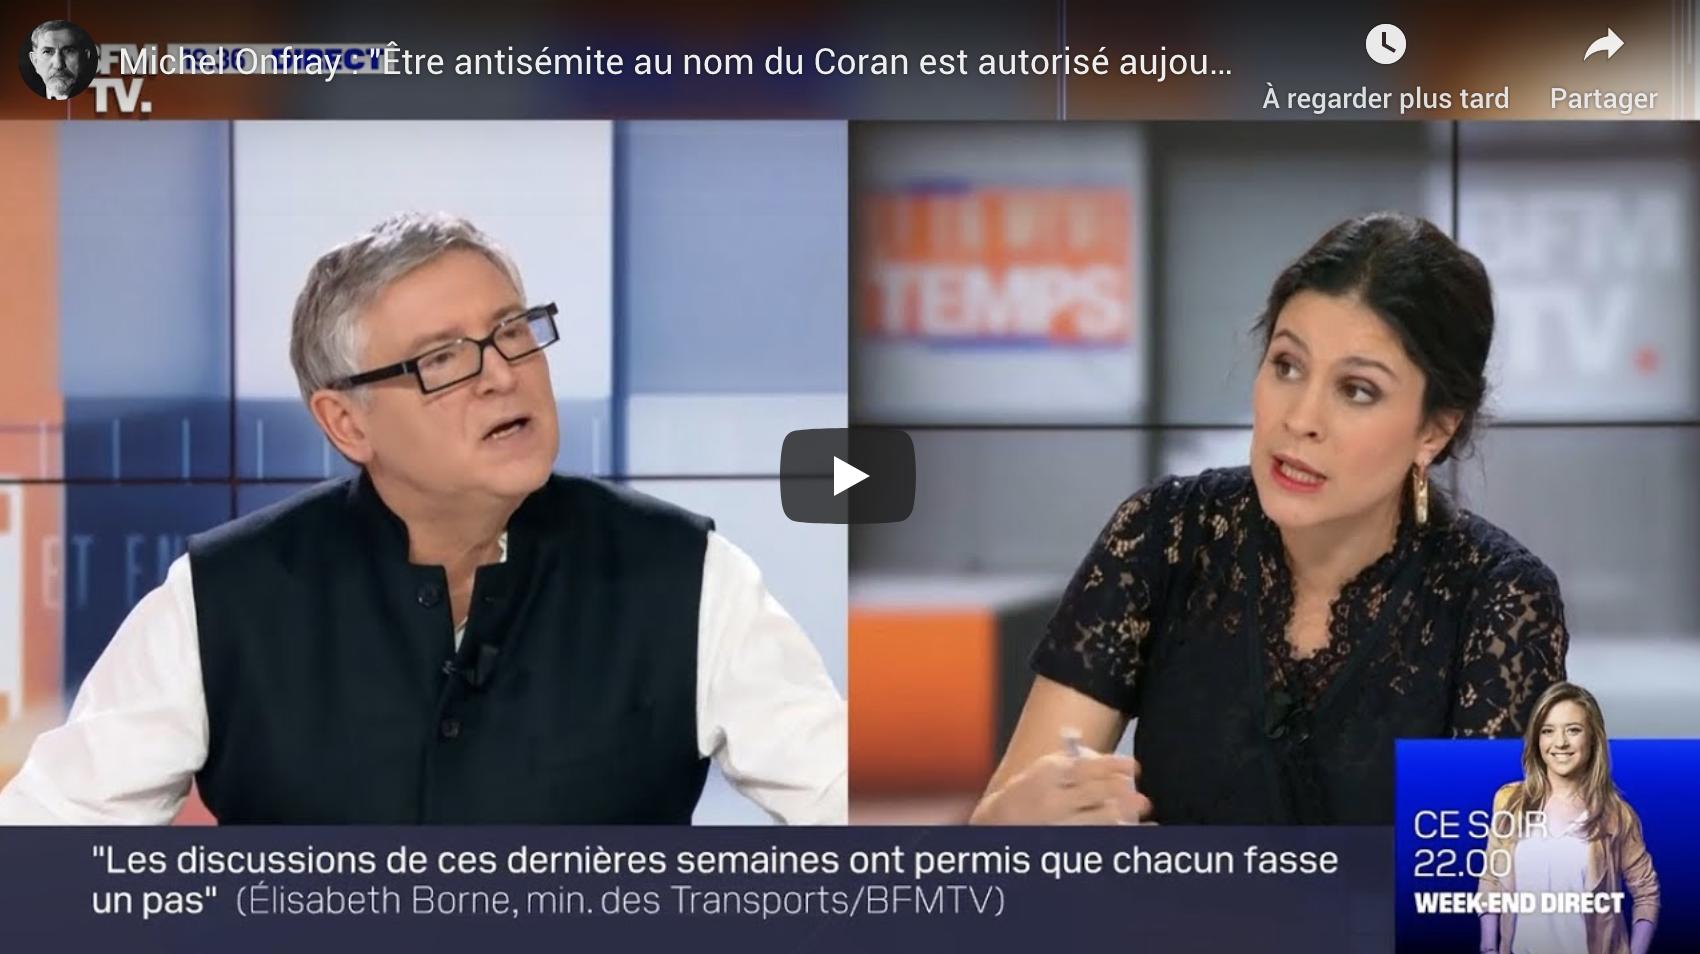 """Michel Onfray : """"Être antisémite au nom du Coran est autorisé aujourd'hui"""" (VIDÉO)"""